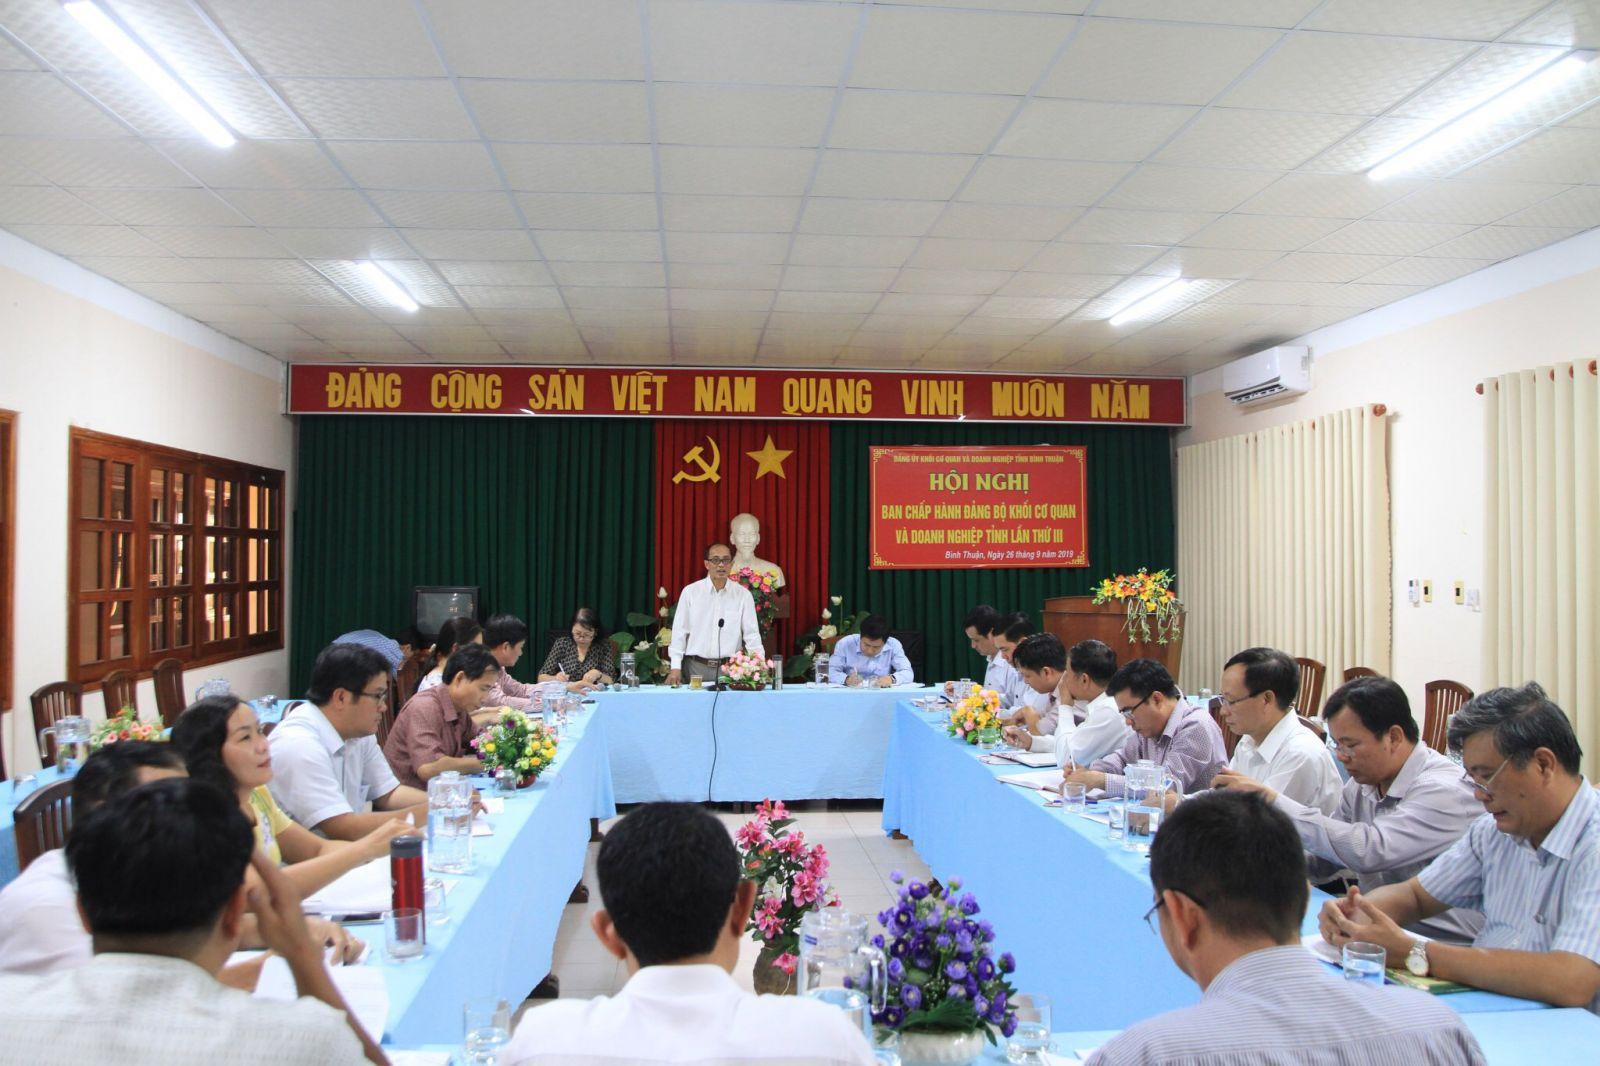 Hình Hội nghị Ban Chấp hành Đảng bộ Khối cơ quan và doanh nghiệp tỉnh lần thứ 3